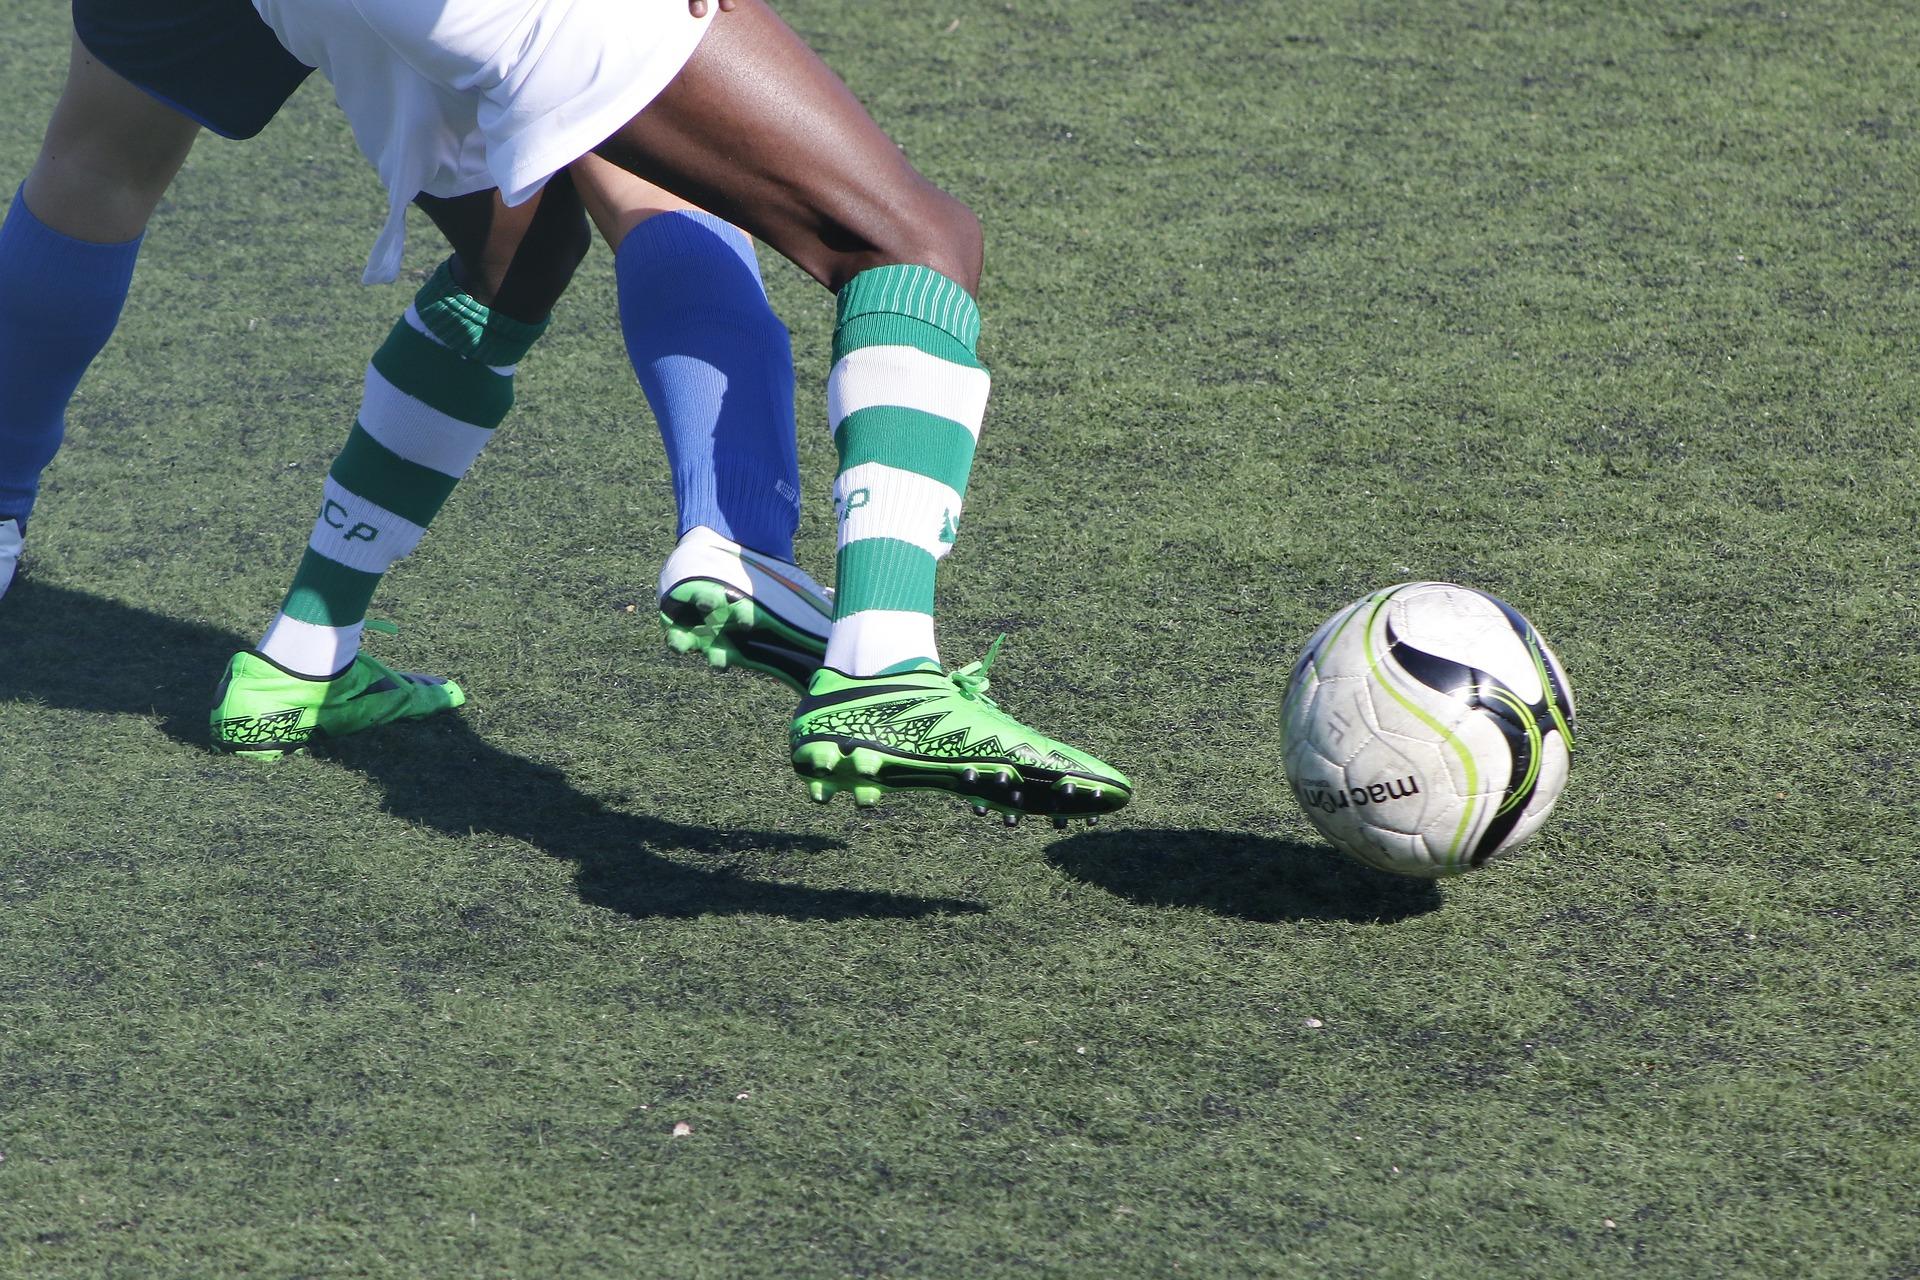 Op kunstgras voetballen slecht voor uw gezondheid? ( woensdag 5 oktober 2016 om 21:10 uur bij de VARA op NPO 2 )